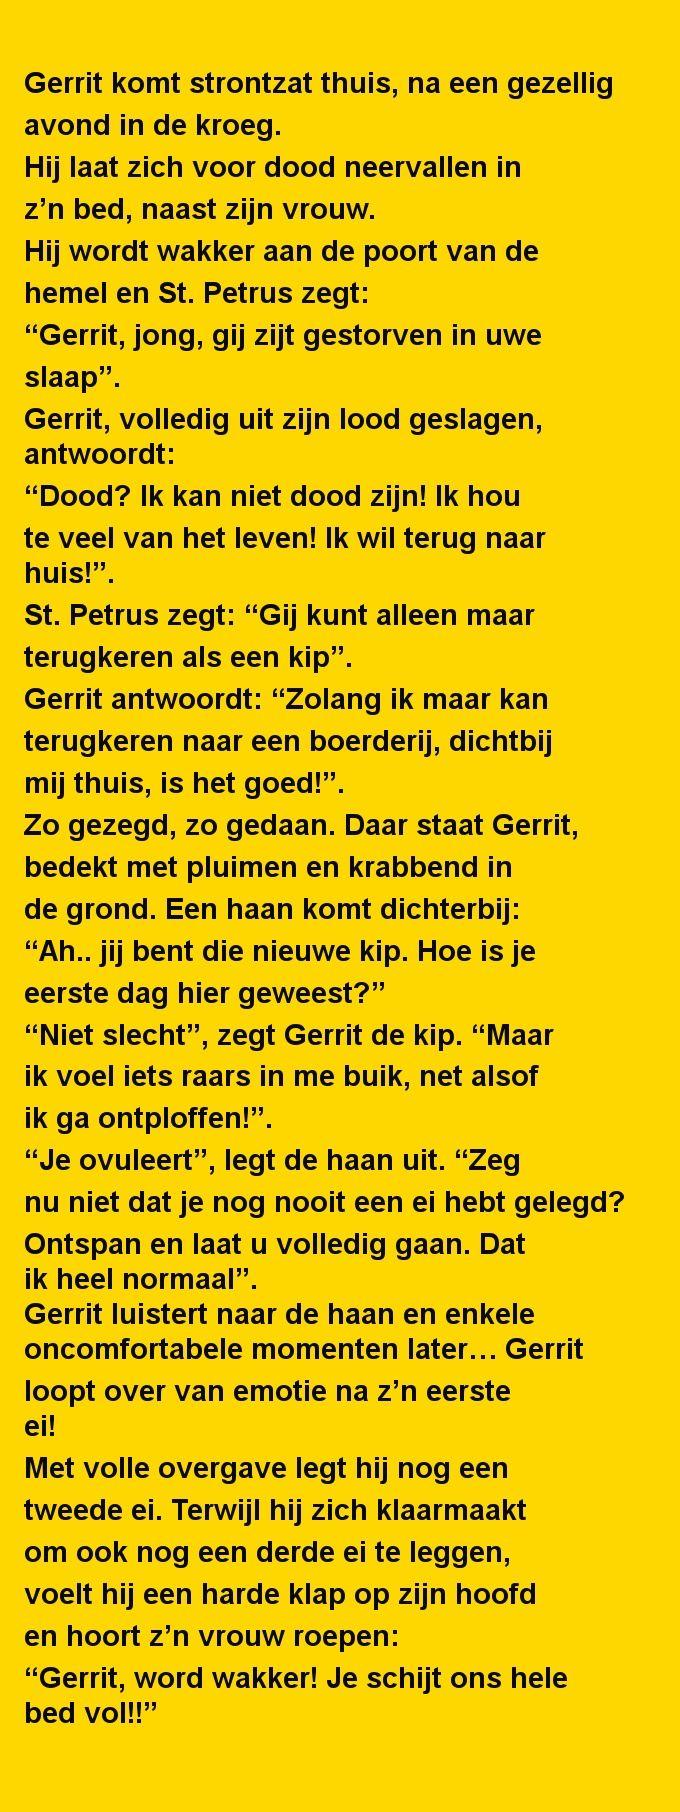 Gerrit komt strontzat - Zieer.nl